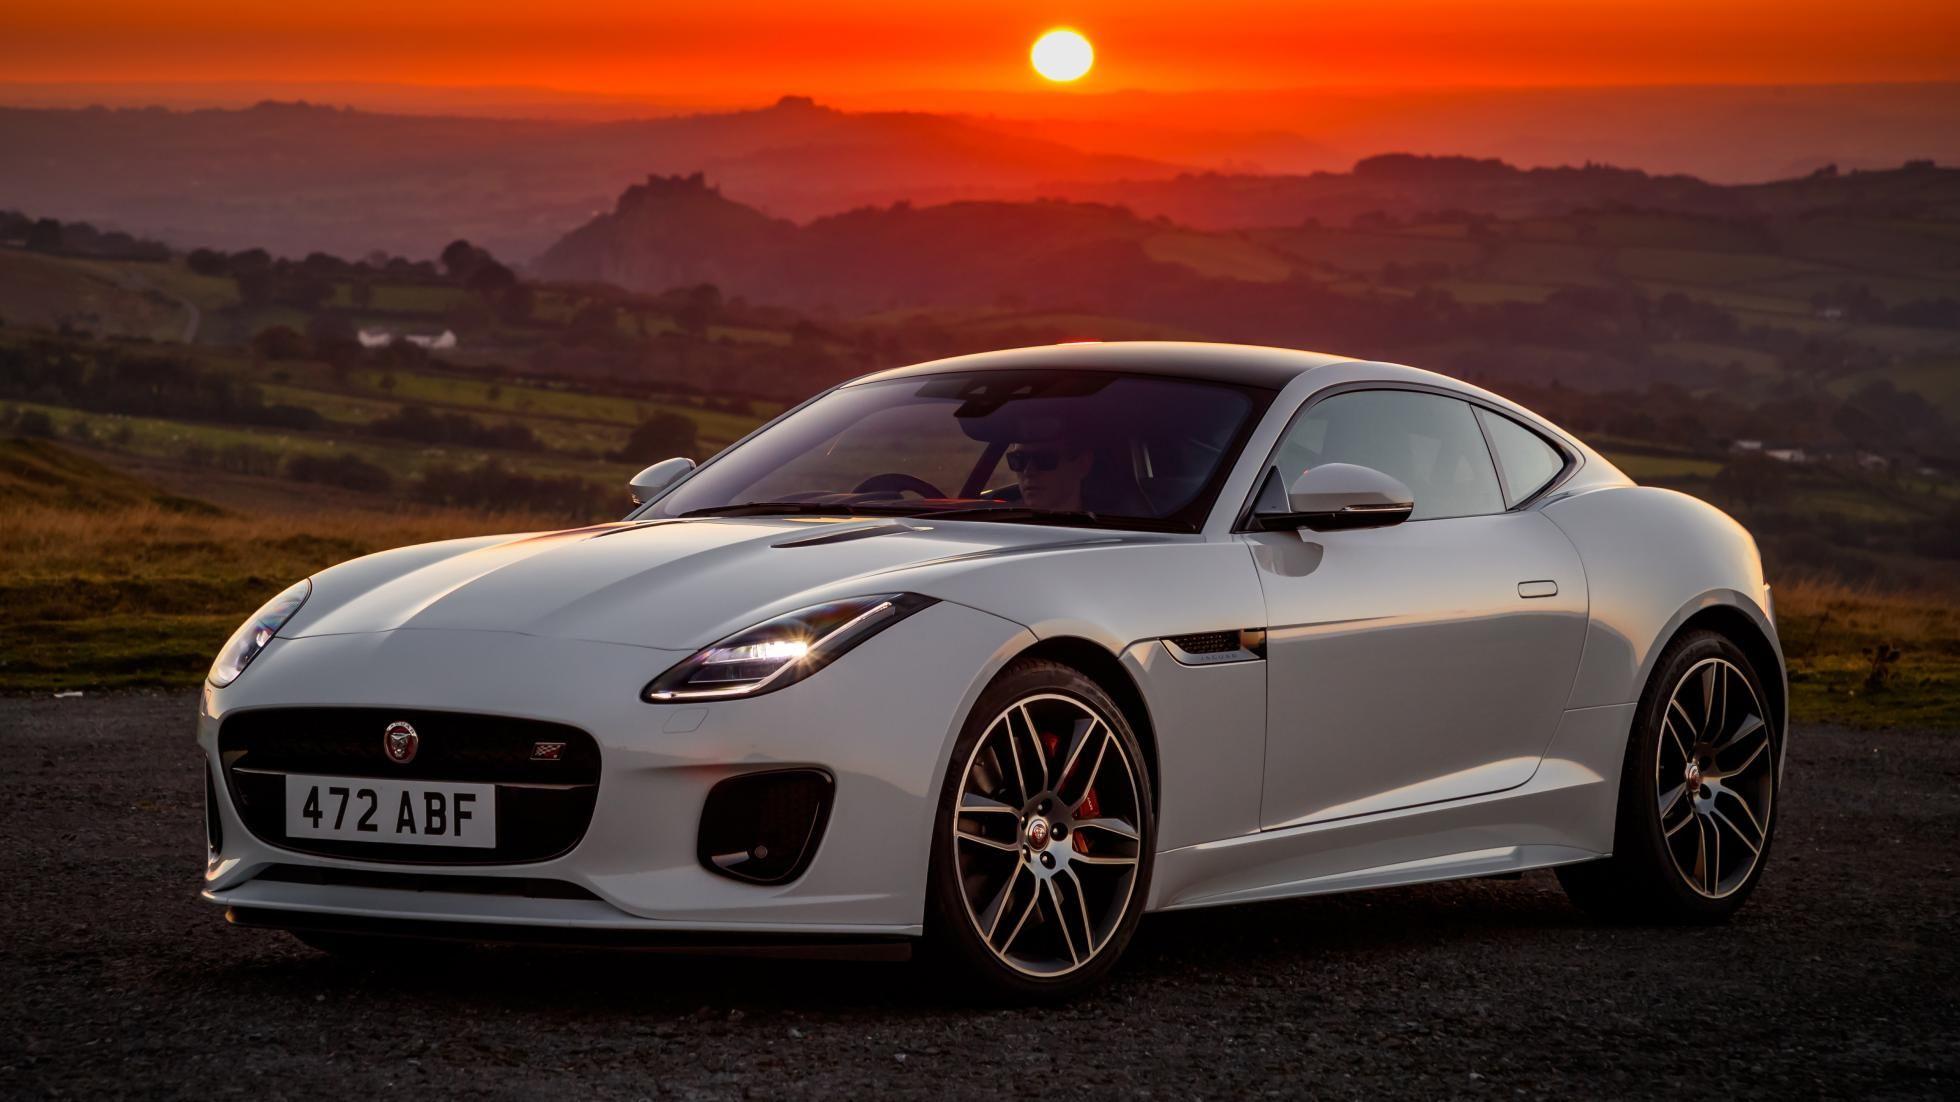 This Is The 2020 Jaguar F Type Jaguar F Type Carros Jaguar Jaguar Sport